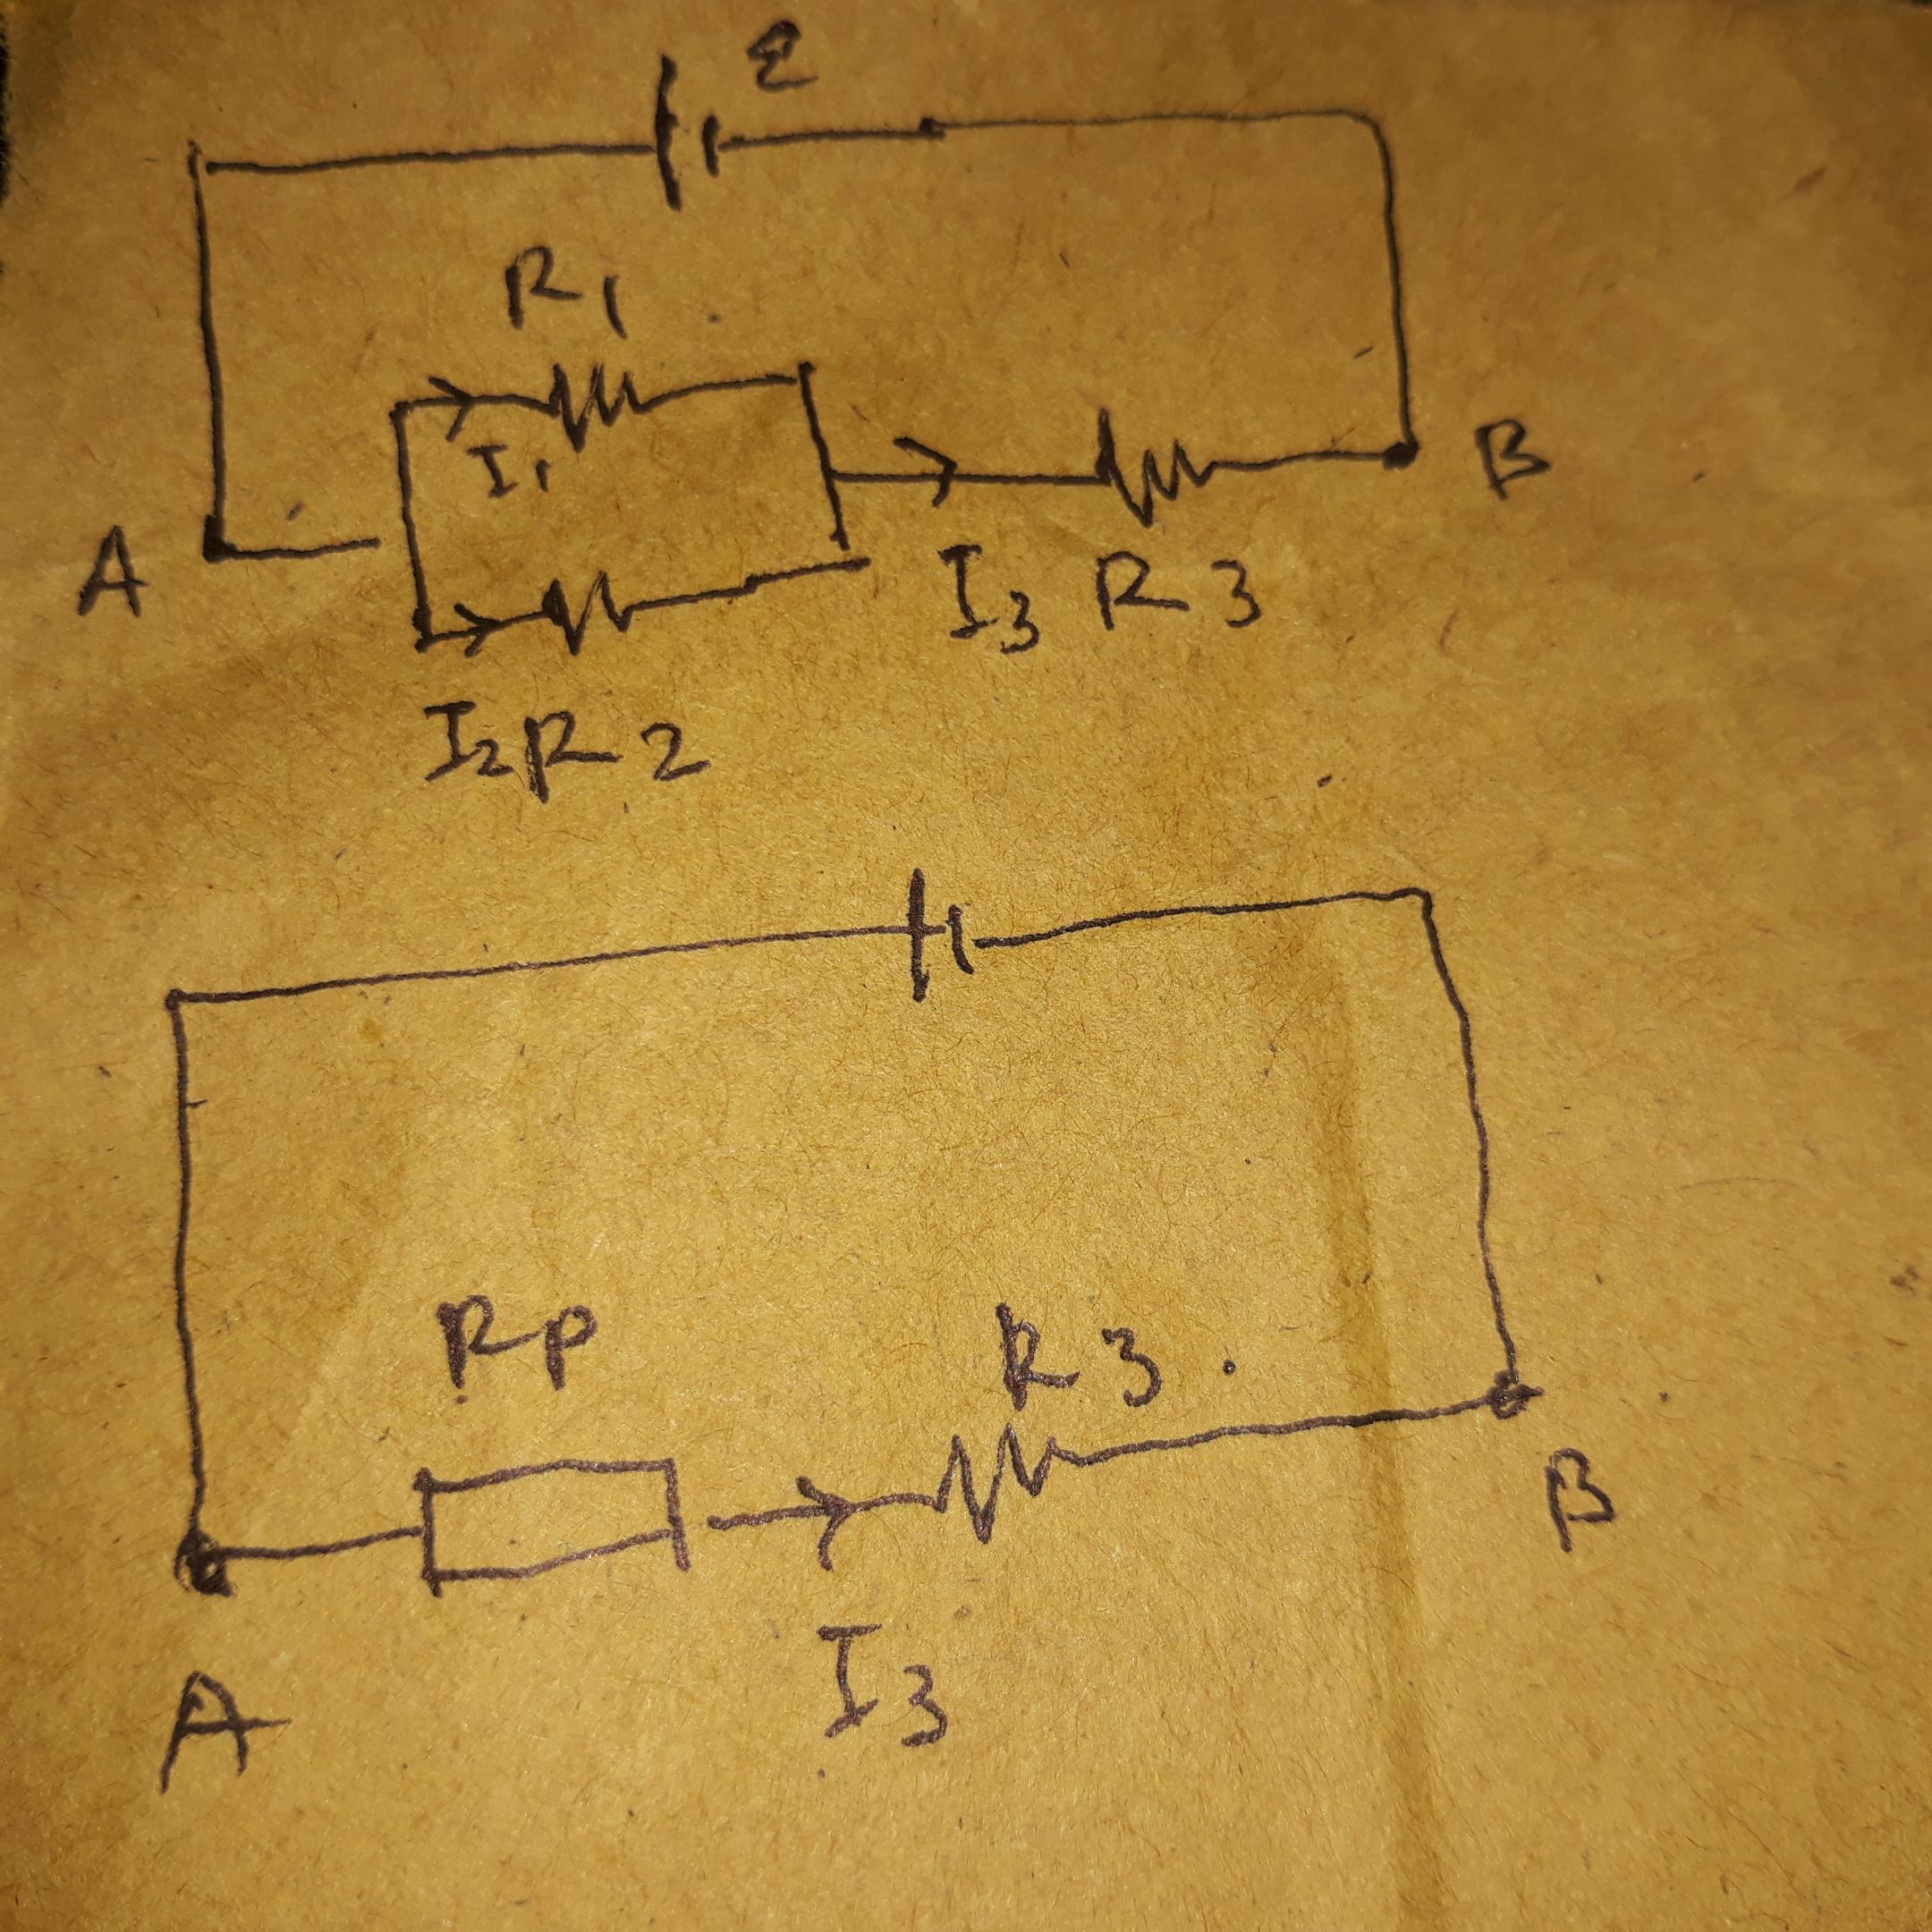 Perhatikan gambar di bawah ini! Jika R1 = 3 ohm, R2 = 6ohm ...